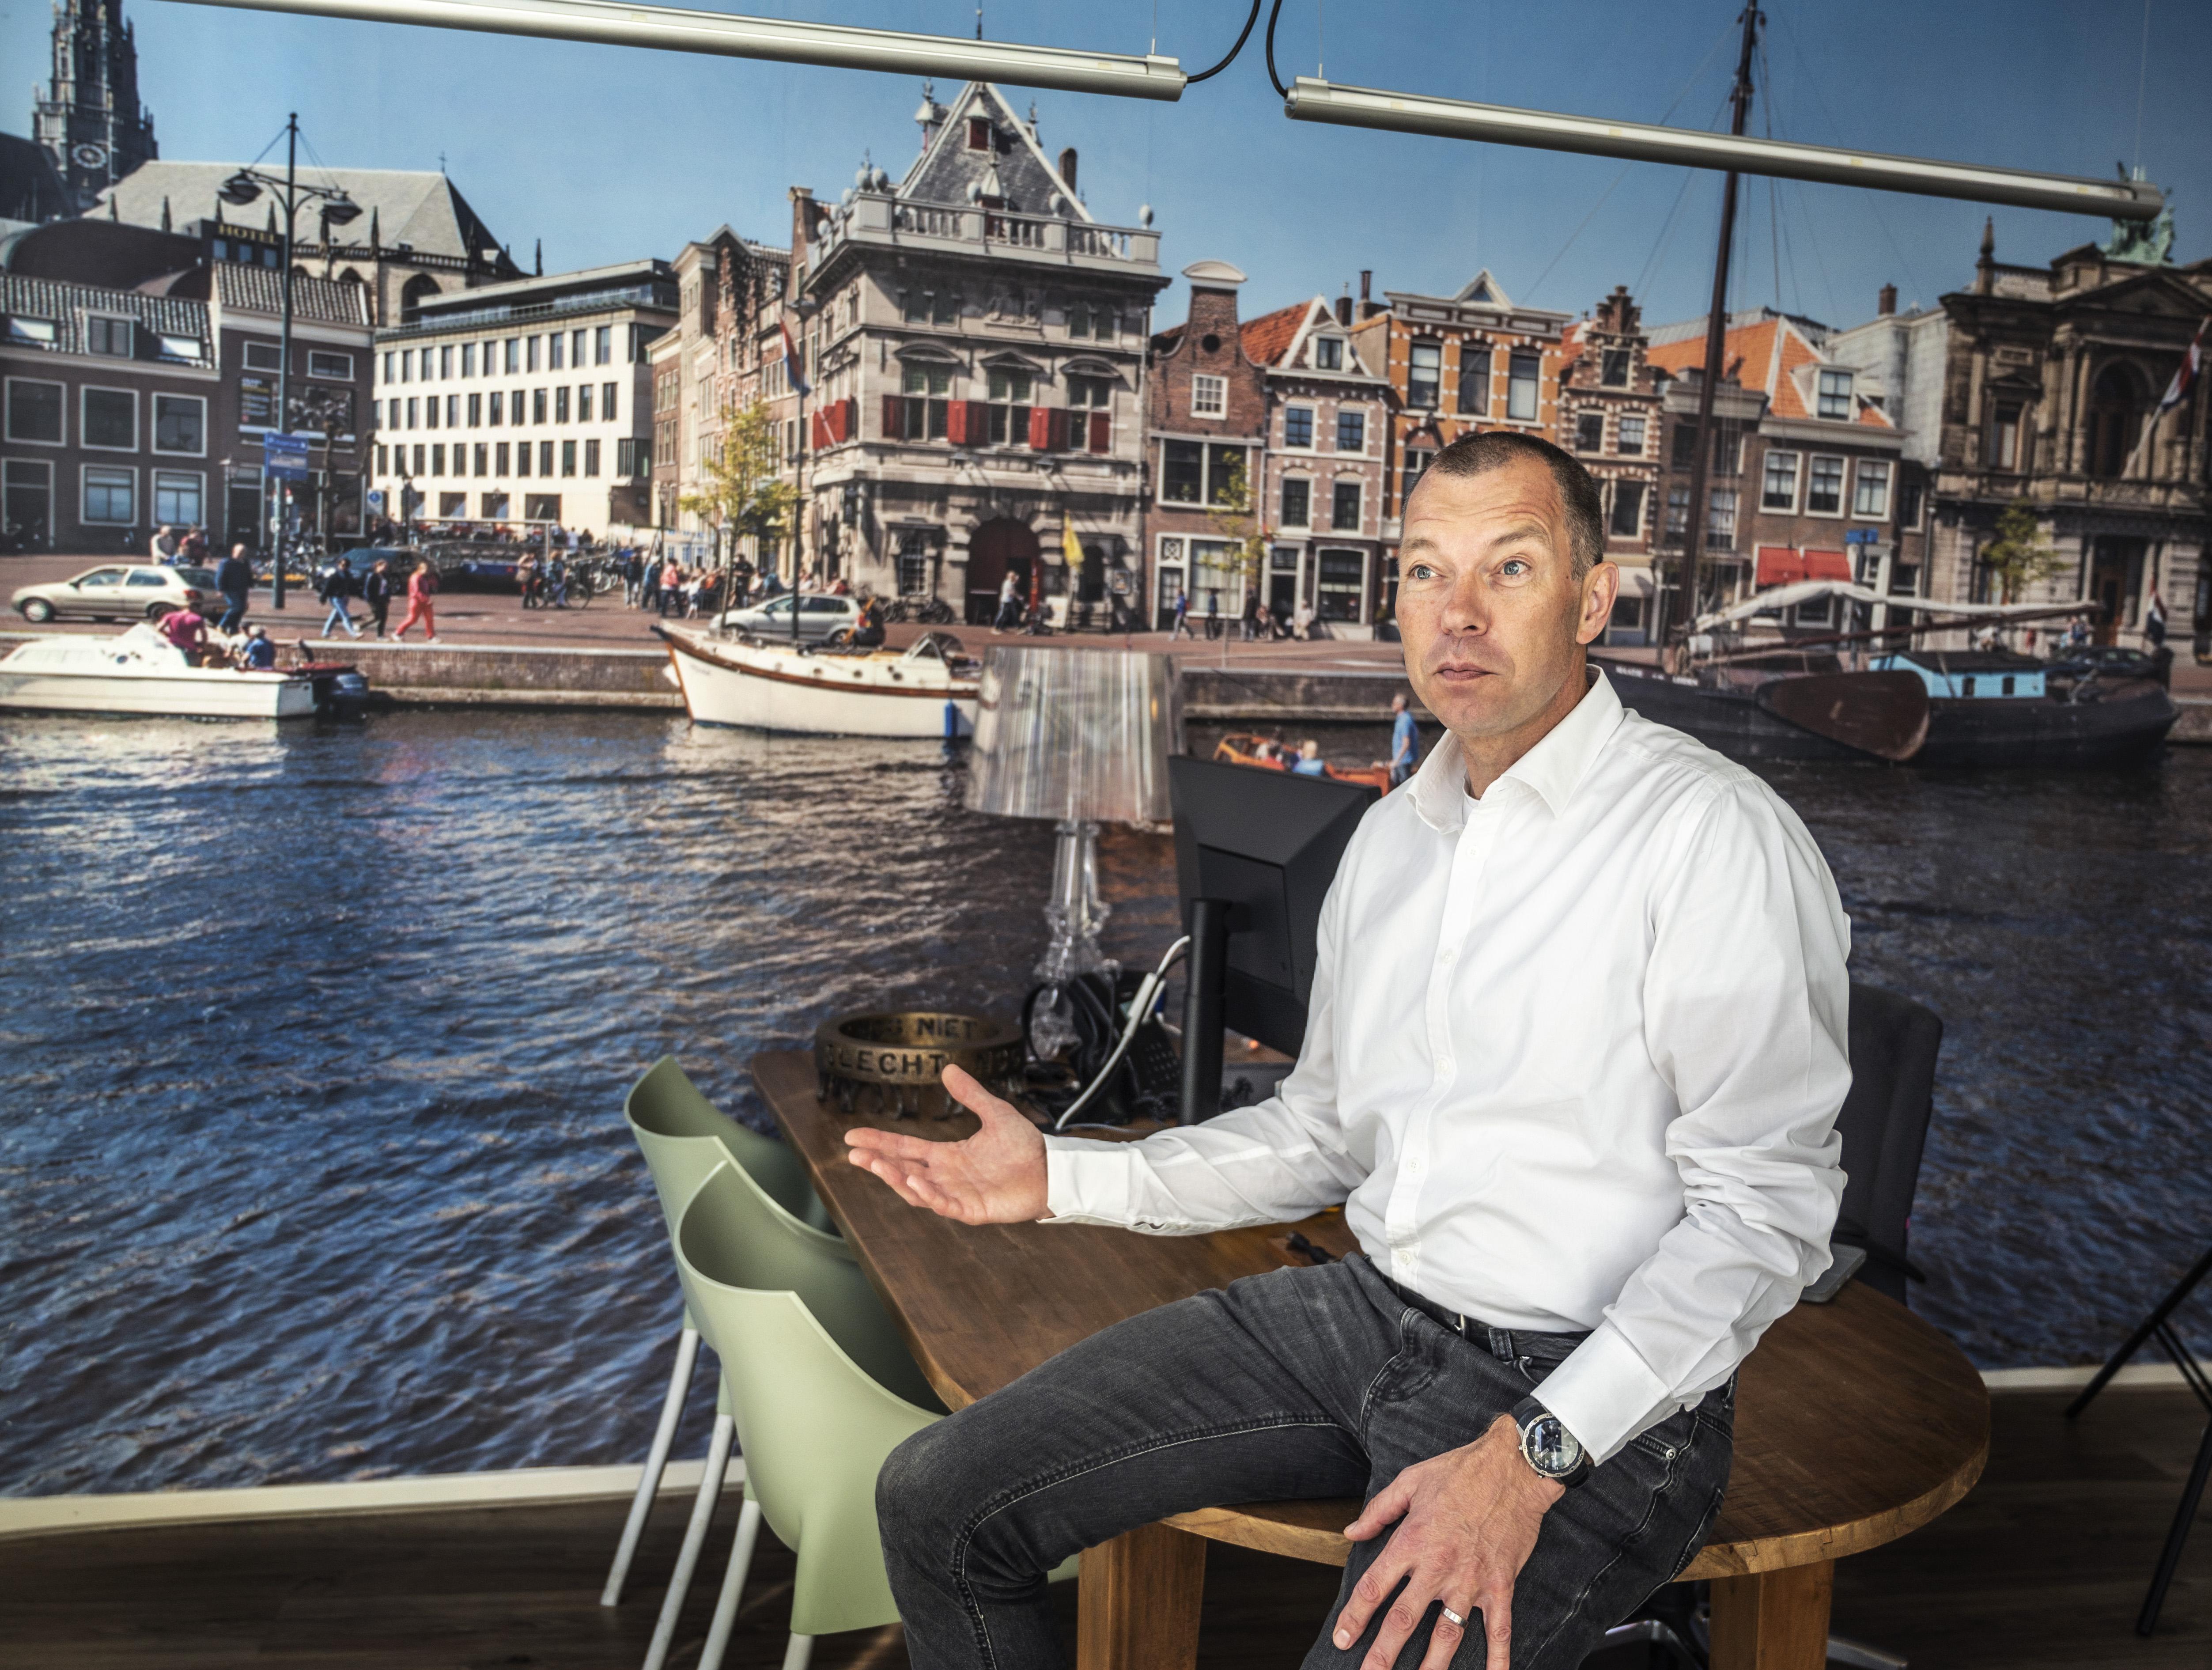 Eric Weijers is al 25 jaar makelaar in Haarlem: 'Starters, wacht niet, koop een huis. Ook nu.'